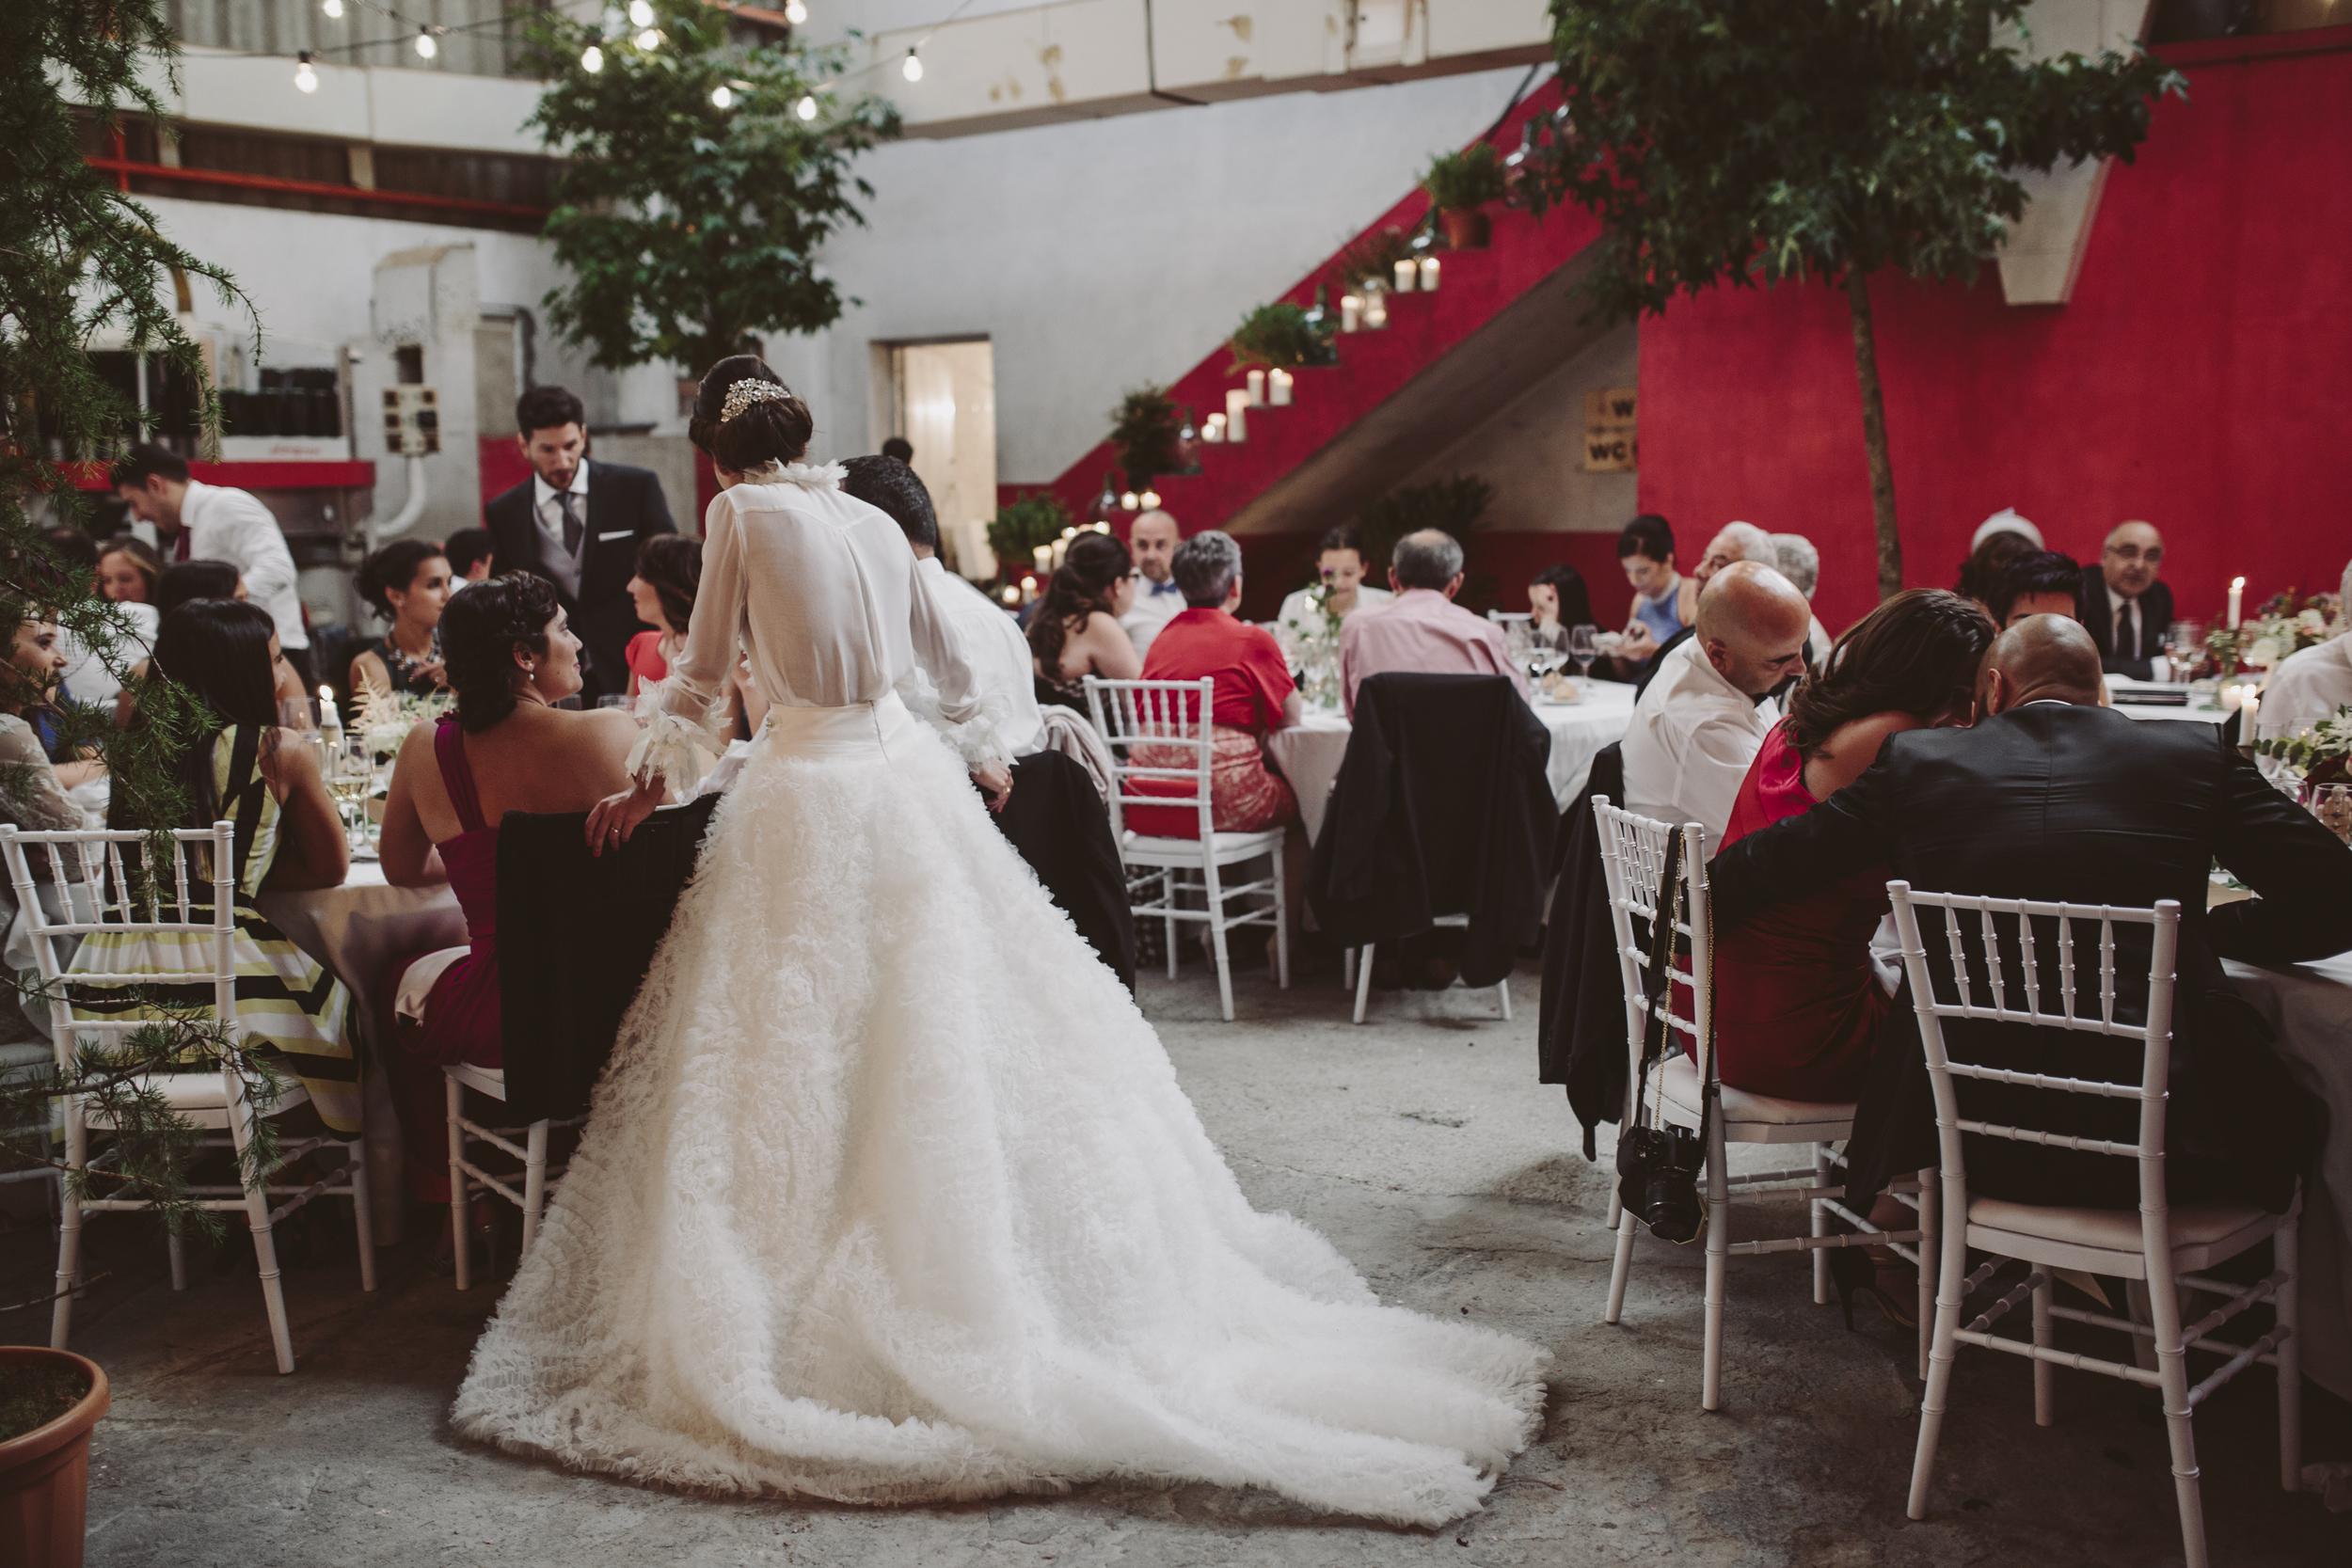 Fotografo bodas Pontevedra Graciela Vilagudin 656.jpg